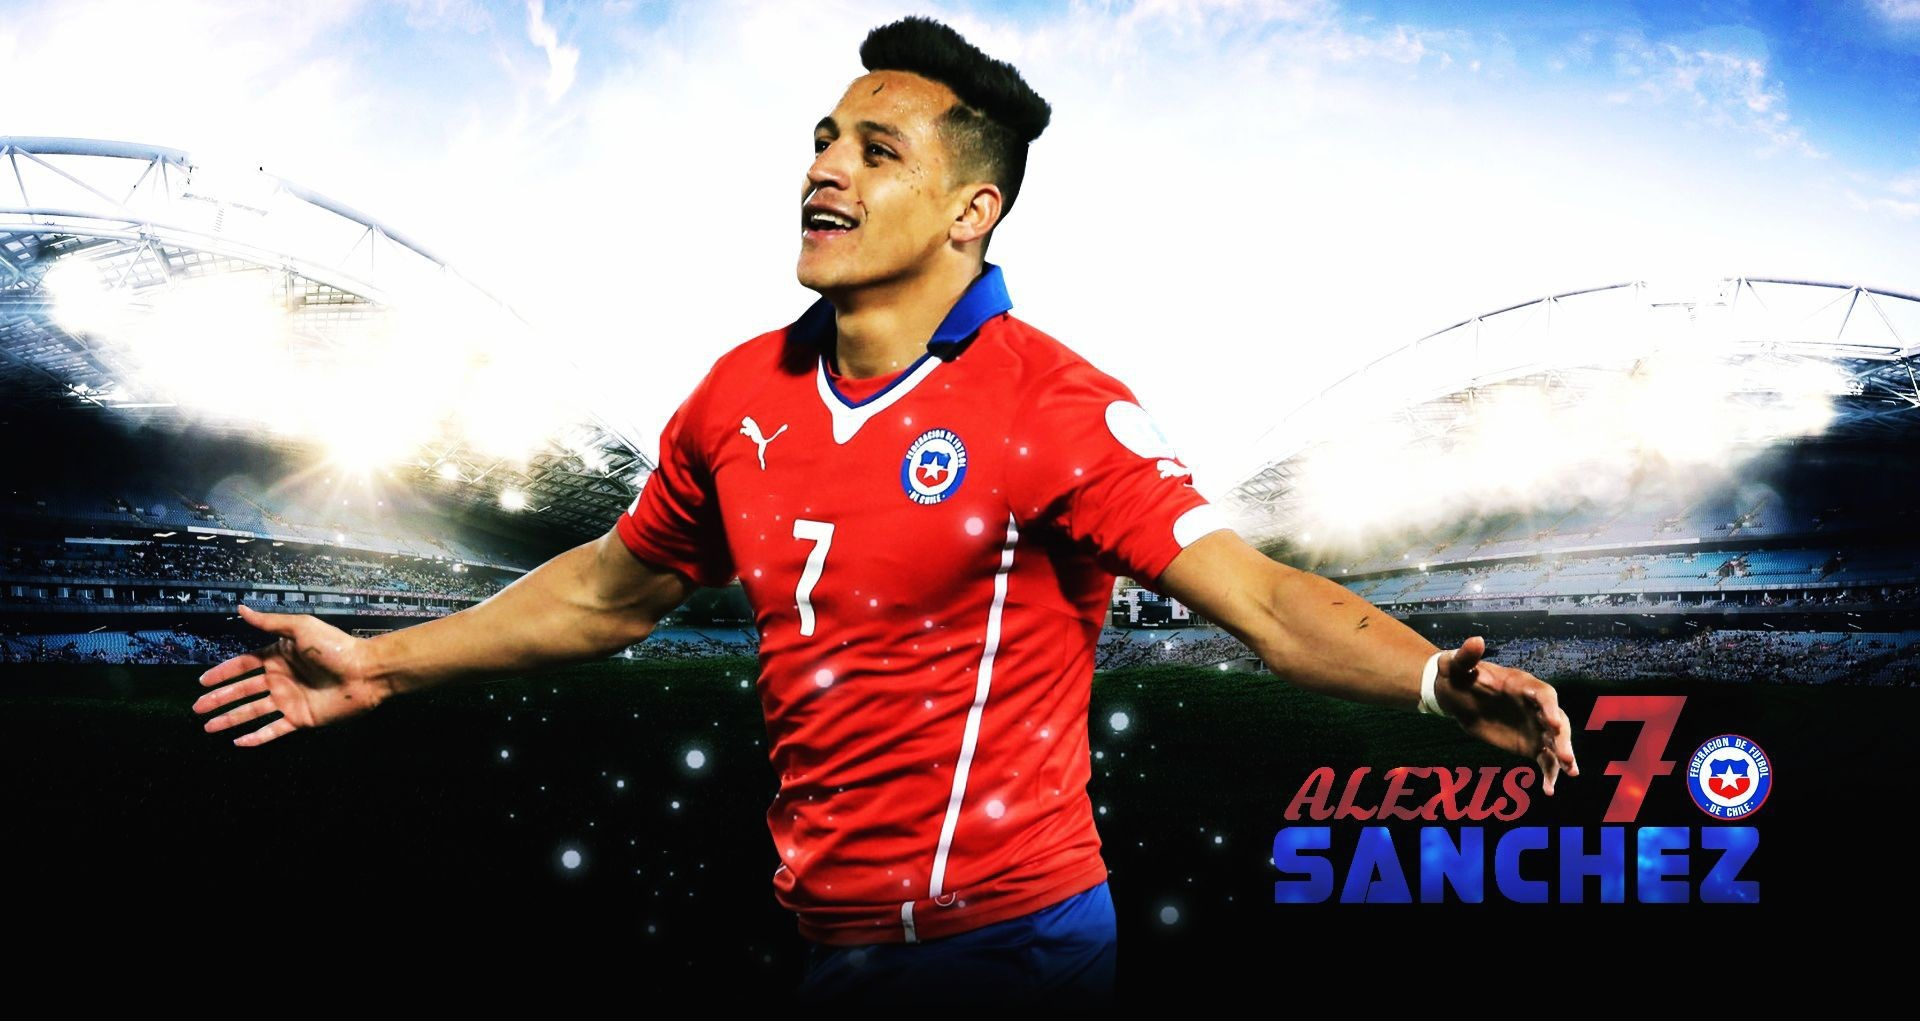 Alexis Sanchez Pictures